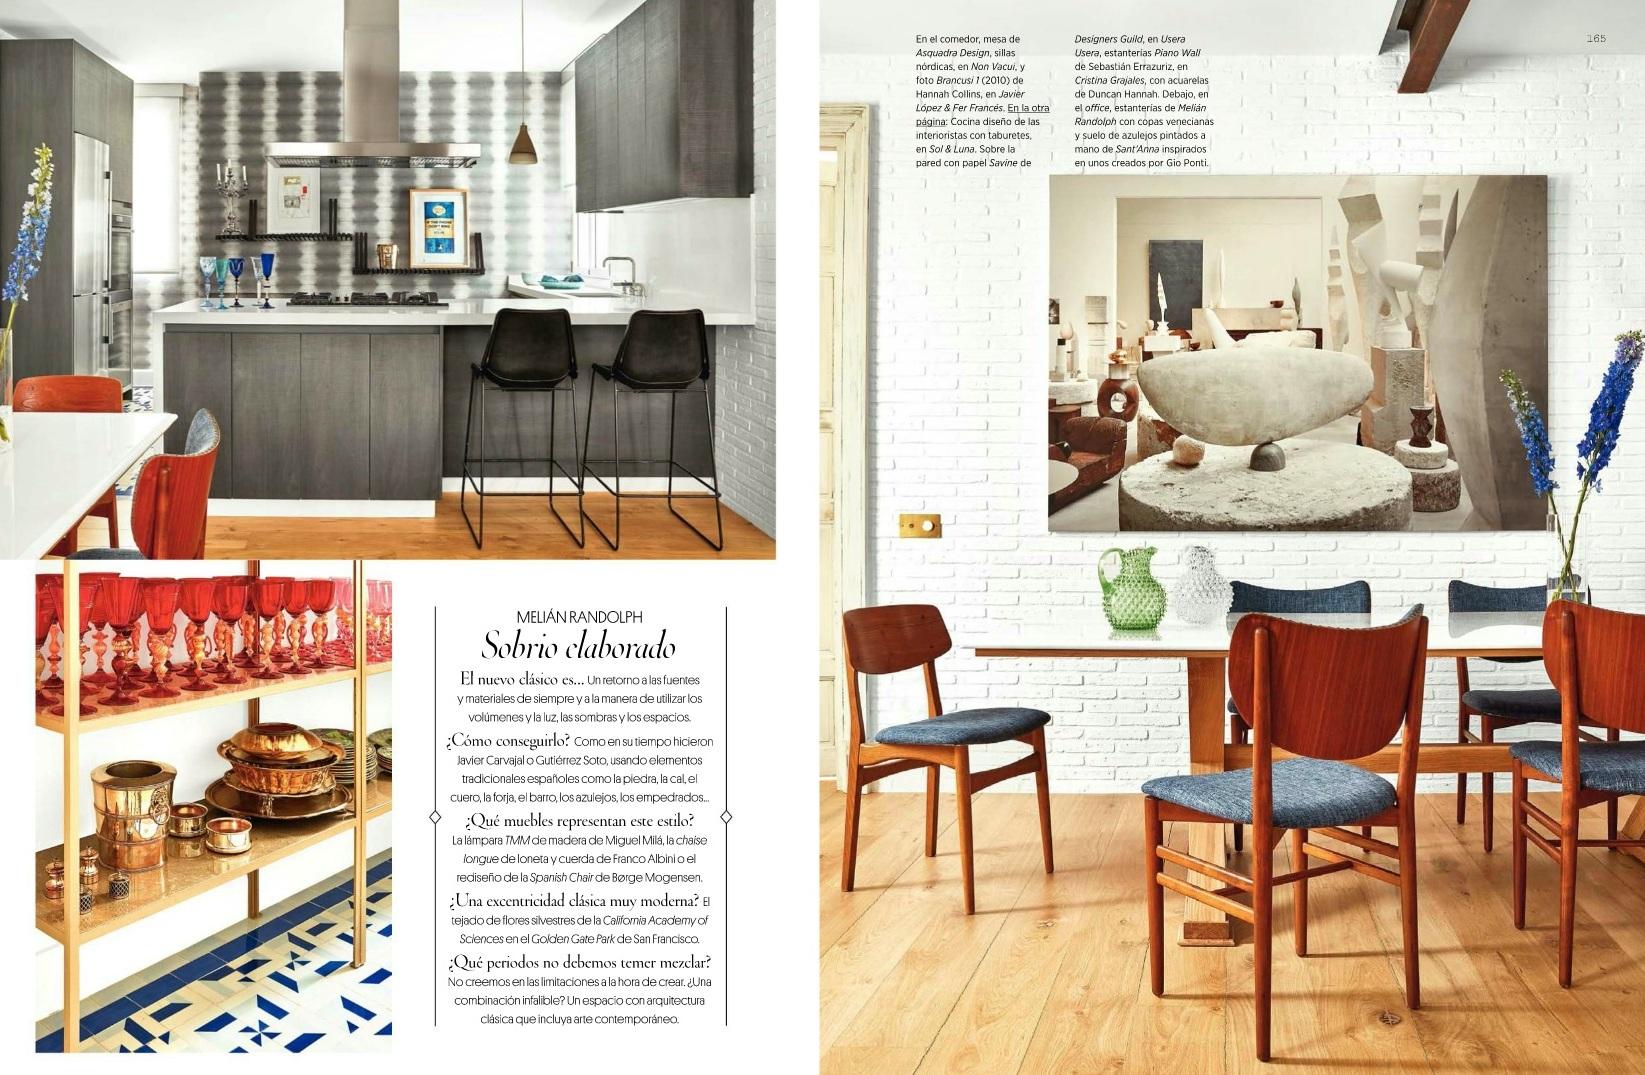 3_ad_interiorismo_melian-randolph_septiembre_2017_revista